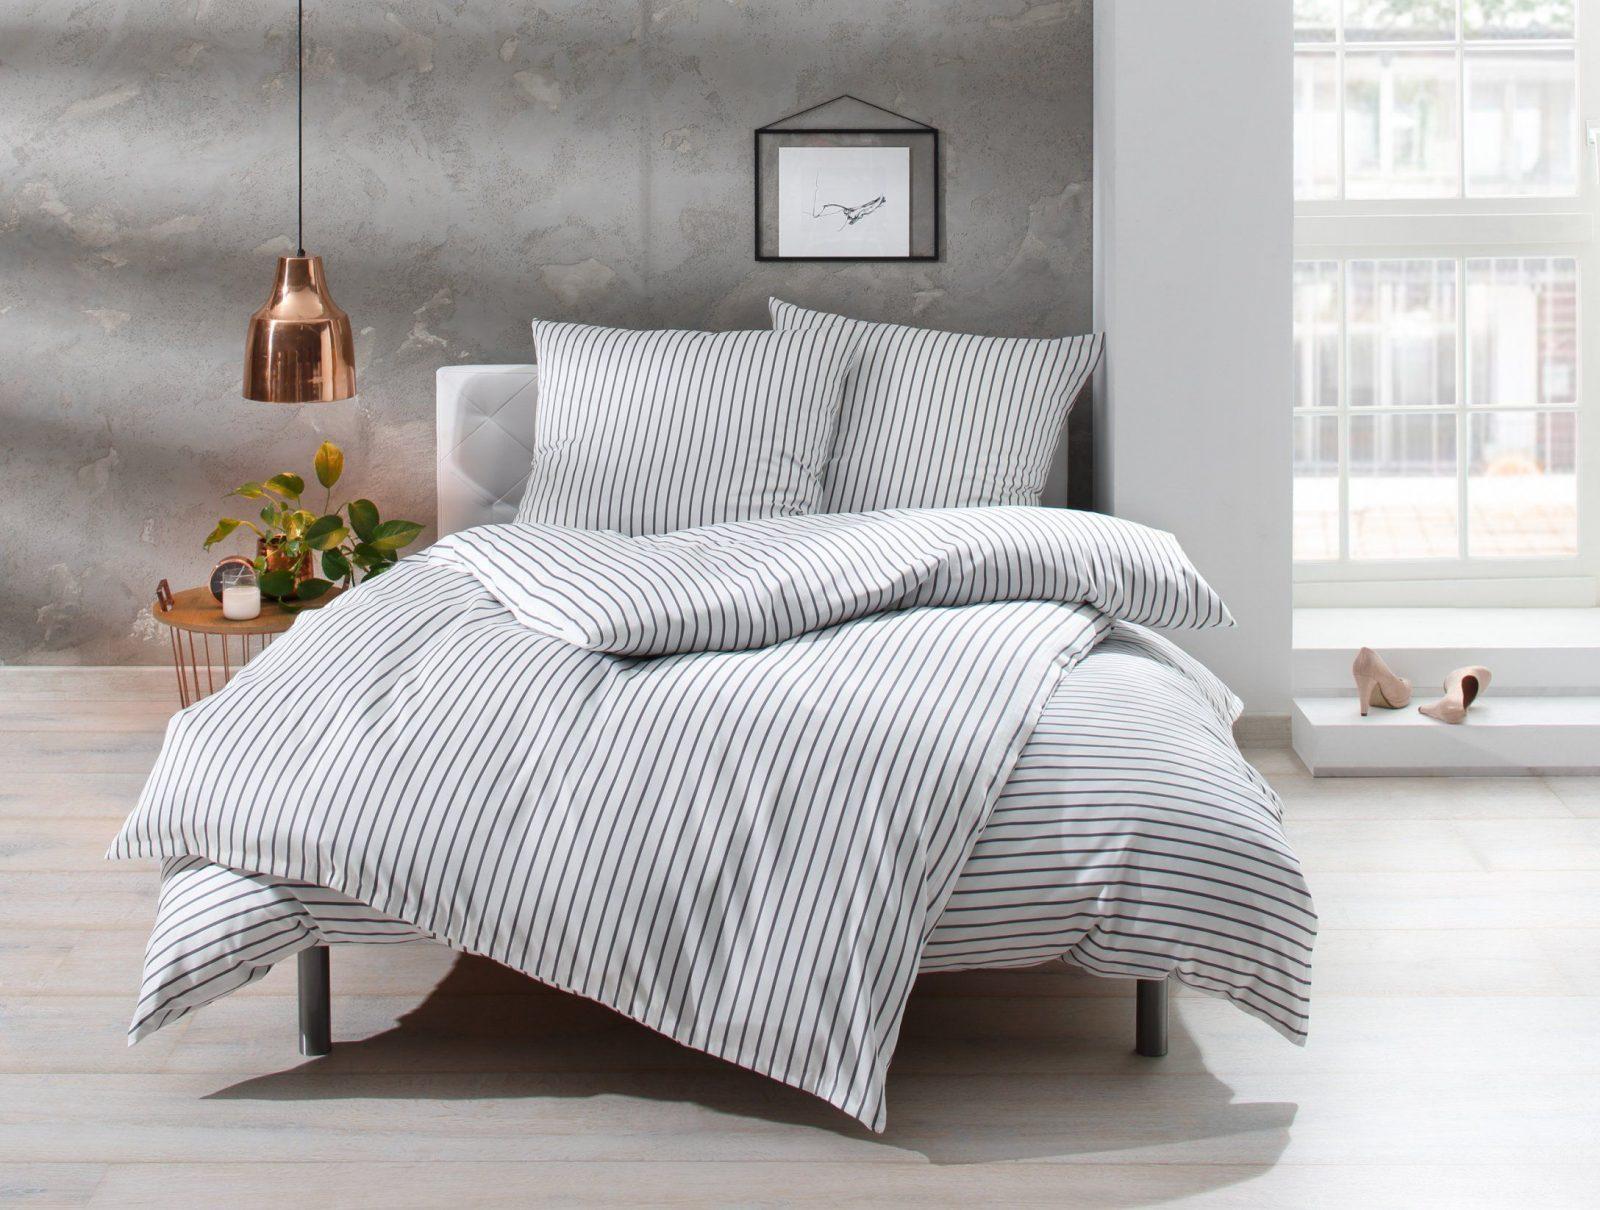 Mako Satin Streifen Bettwäsche Grau Weiß Gestreift Online Kaufen  Bms von Maritime Bettwäsche 155X220 Photo